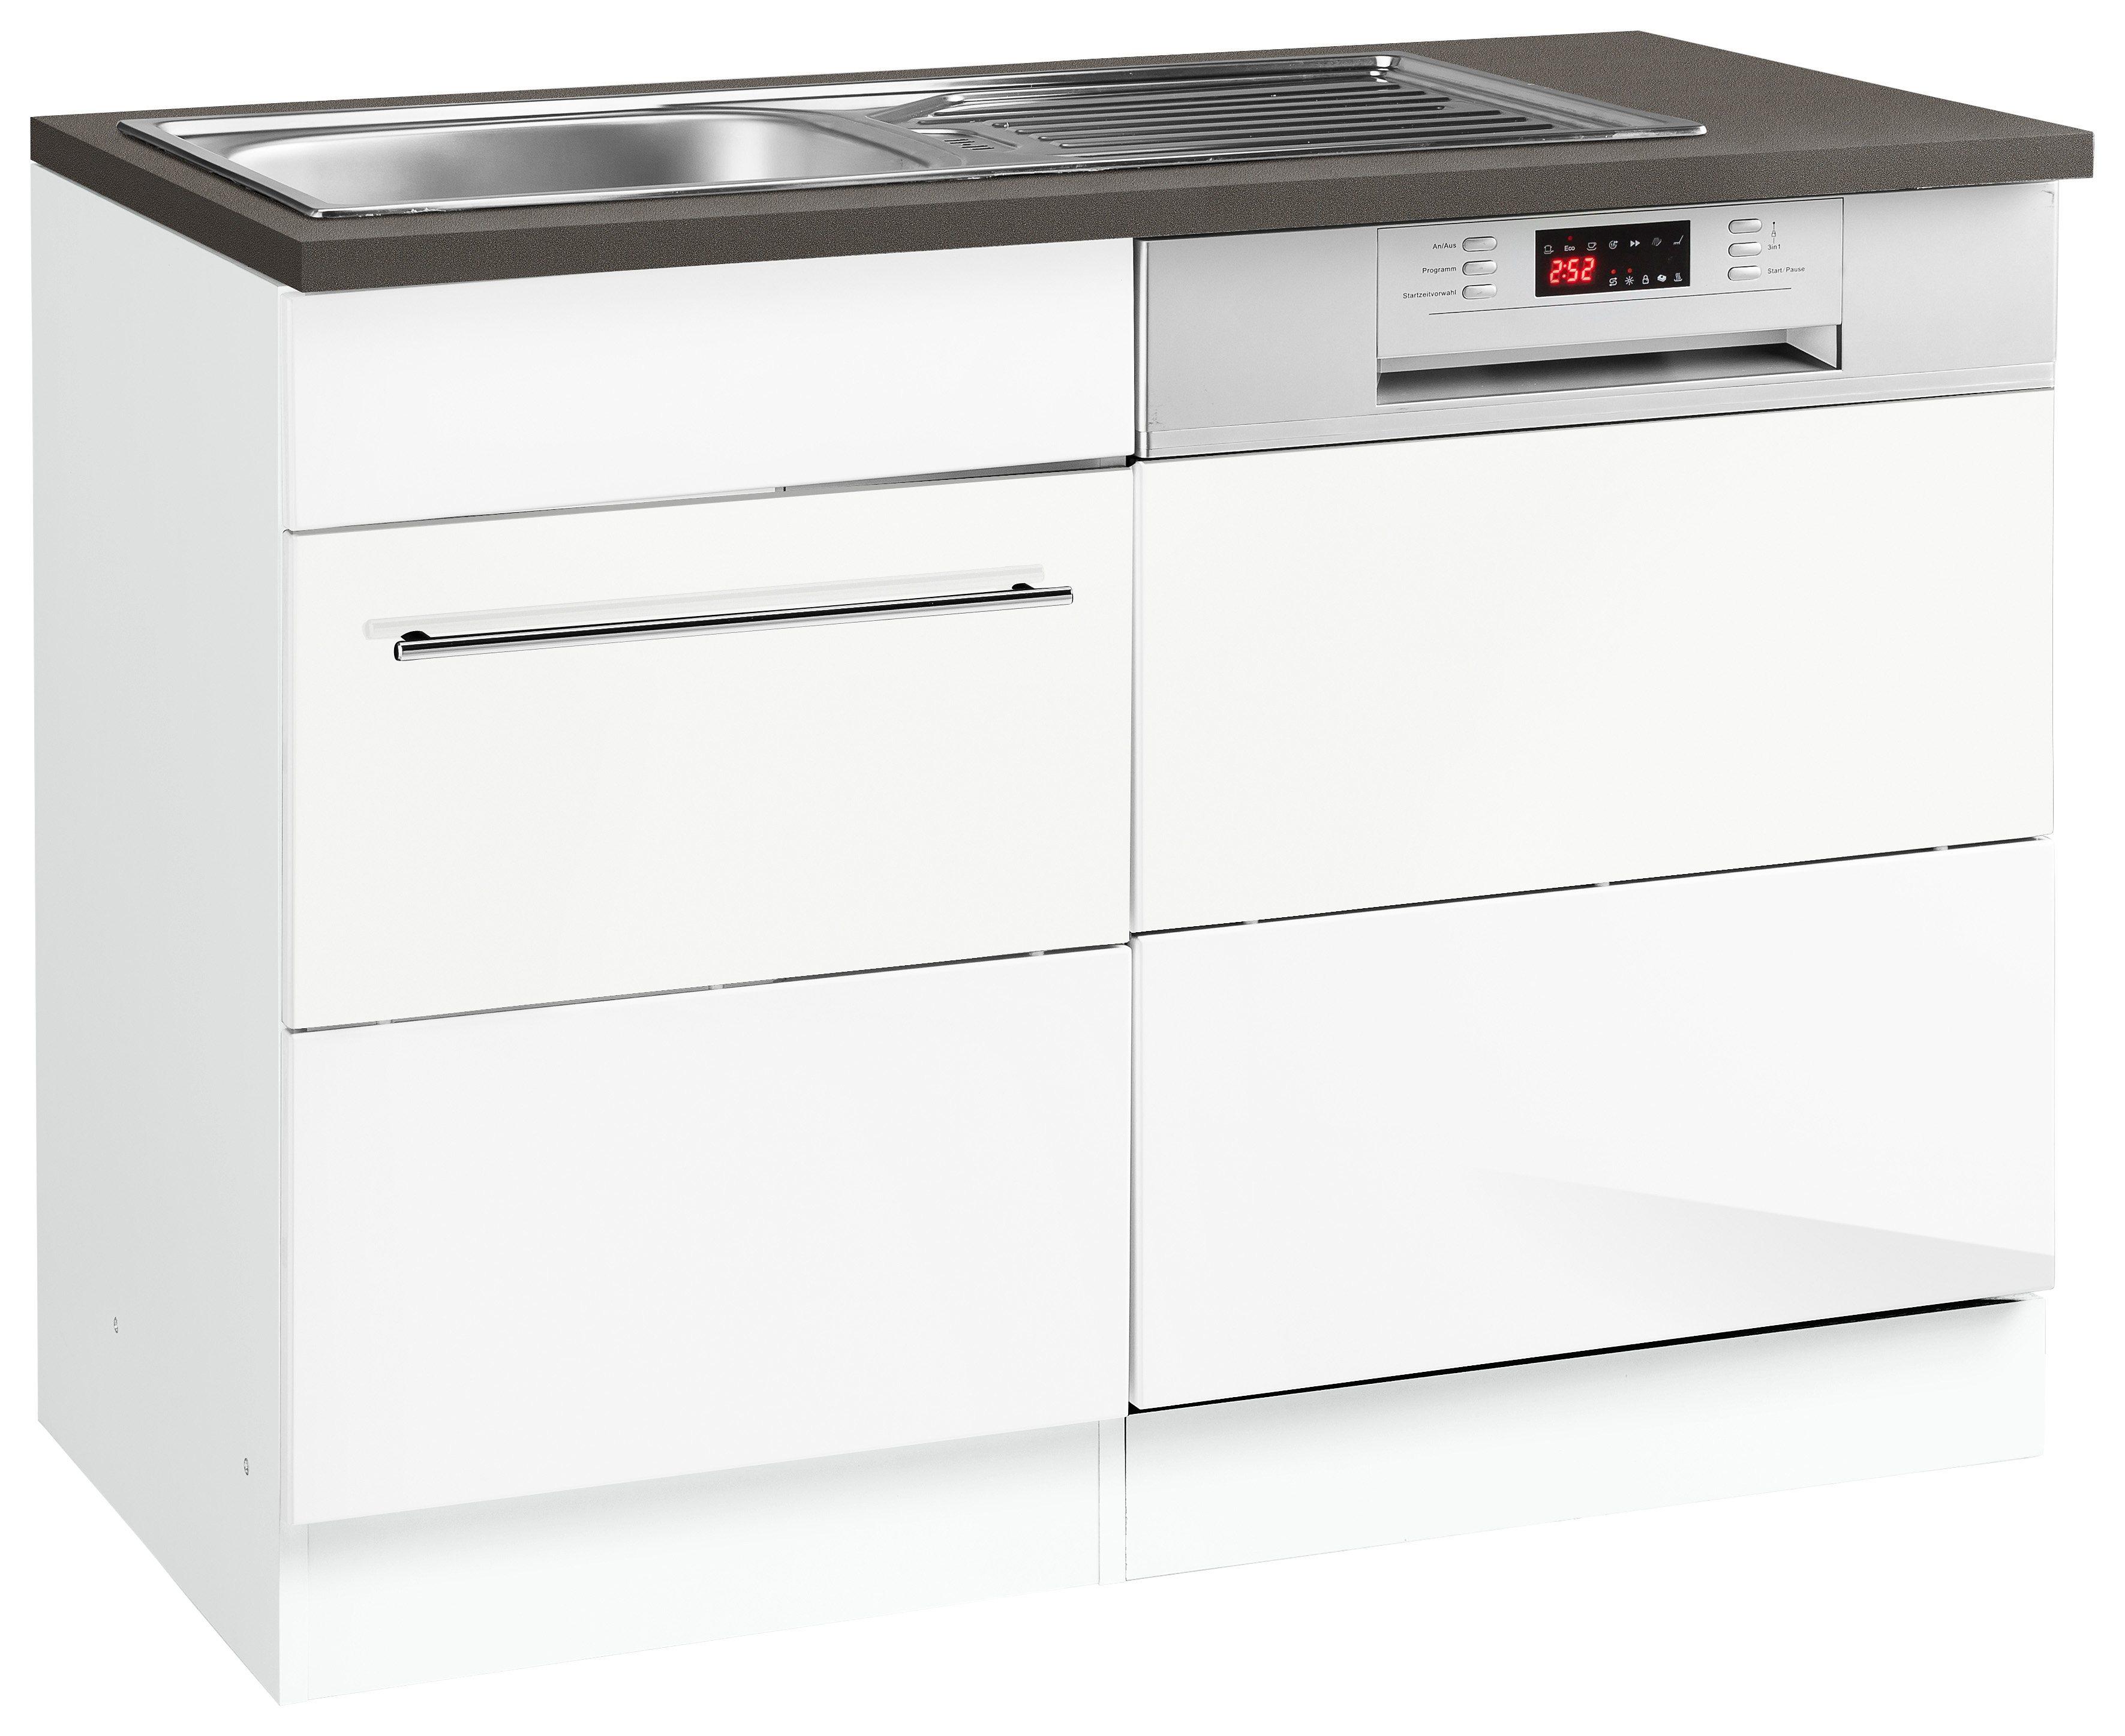 mdf Spülenschränke online kaufen | Möbel-Suchmaschine | ladendirekt.de